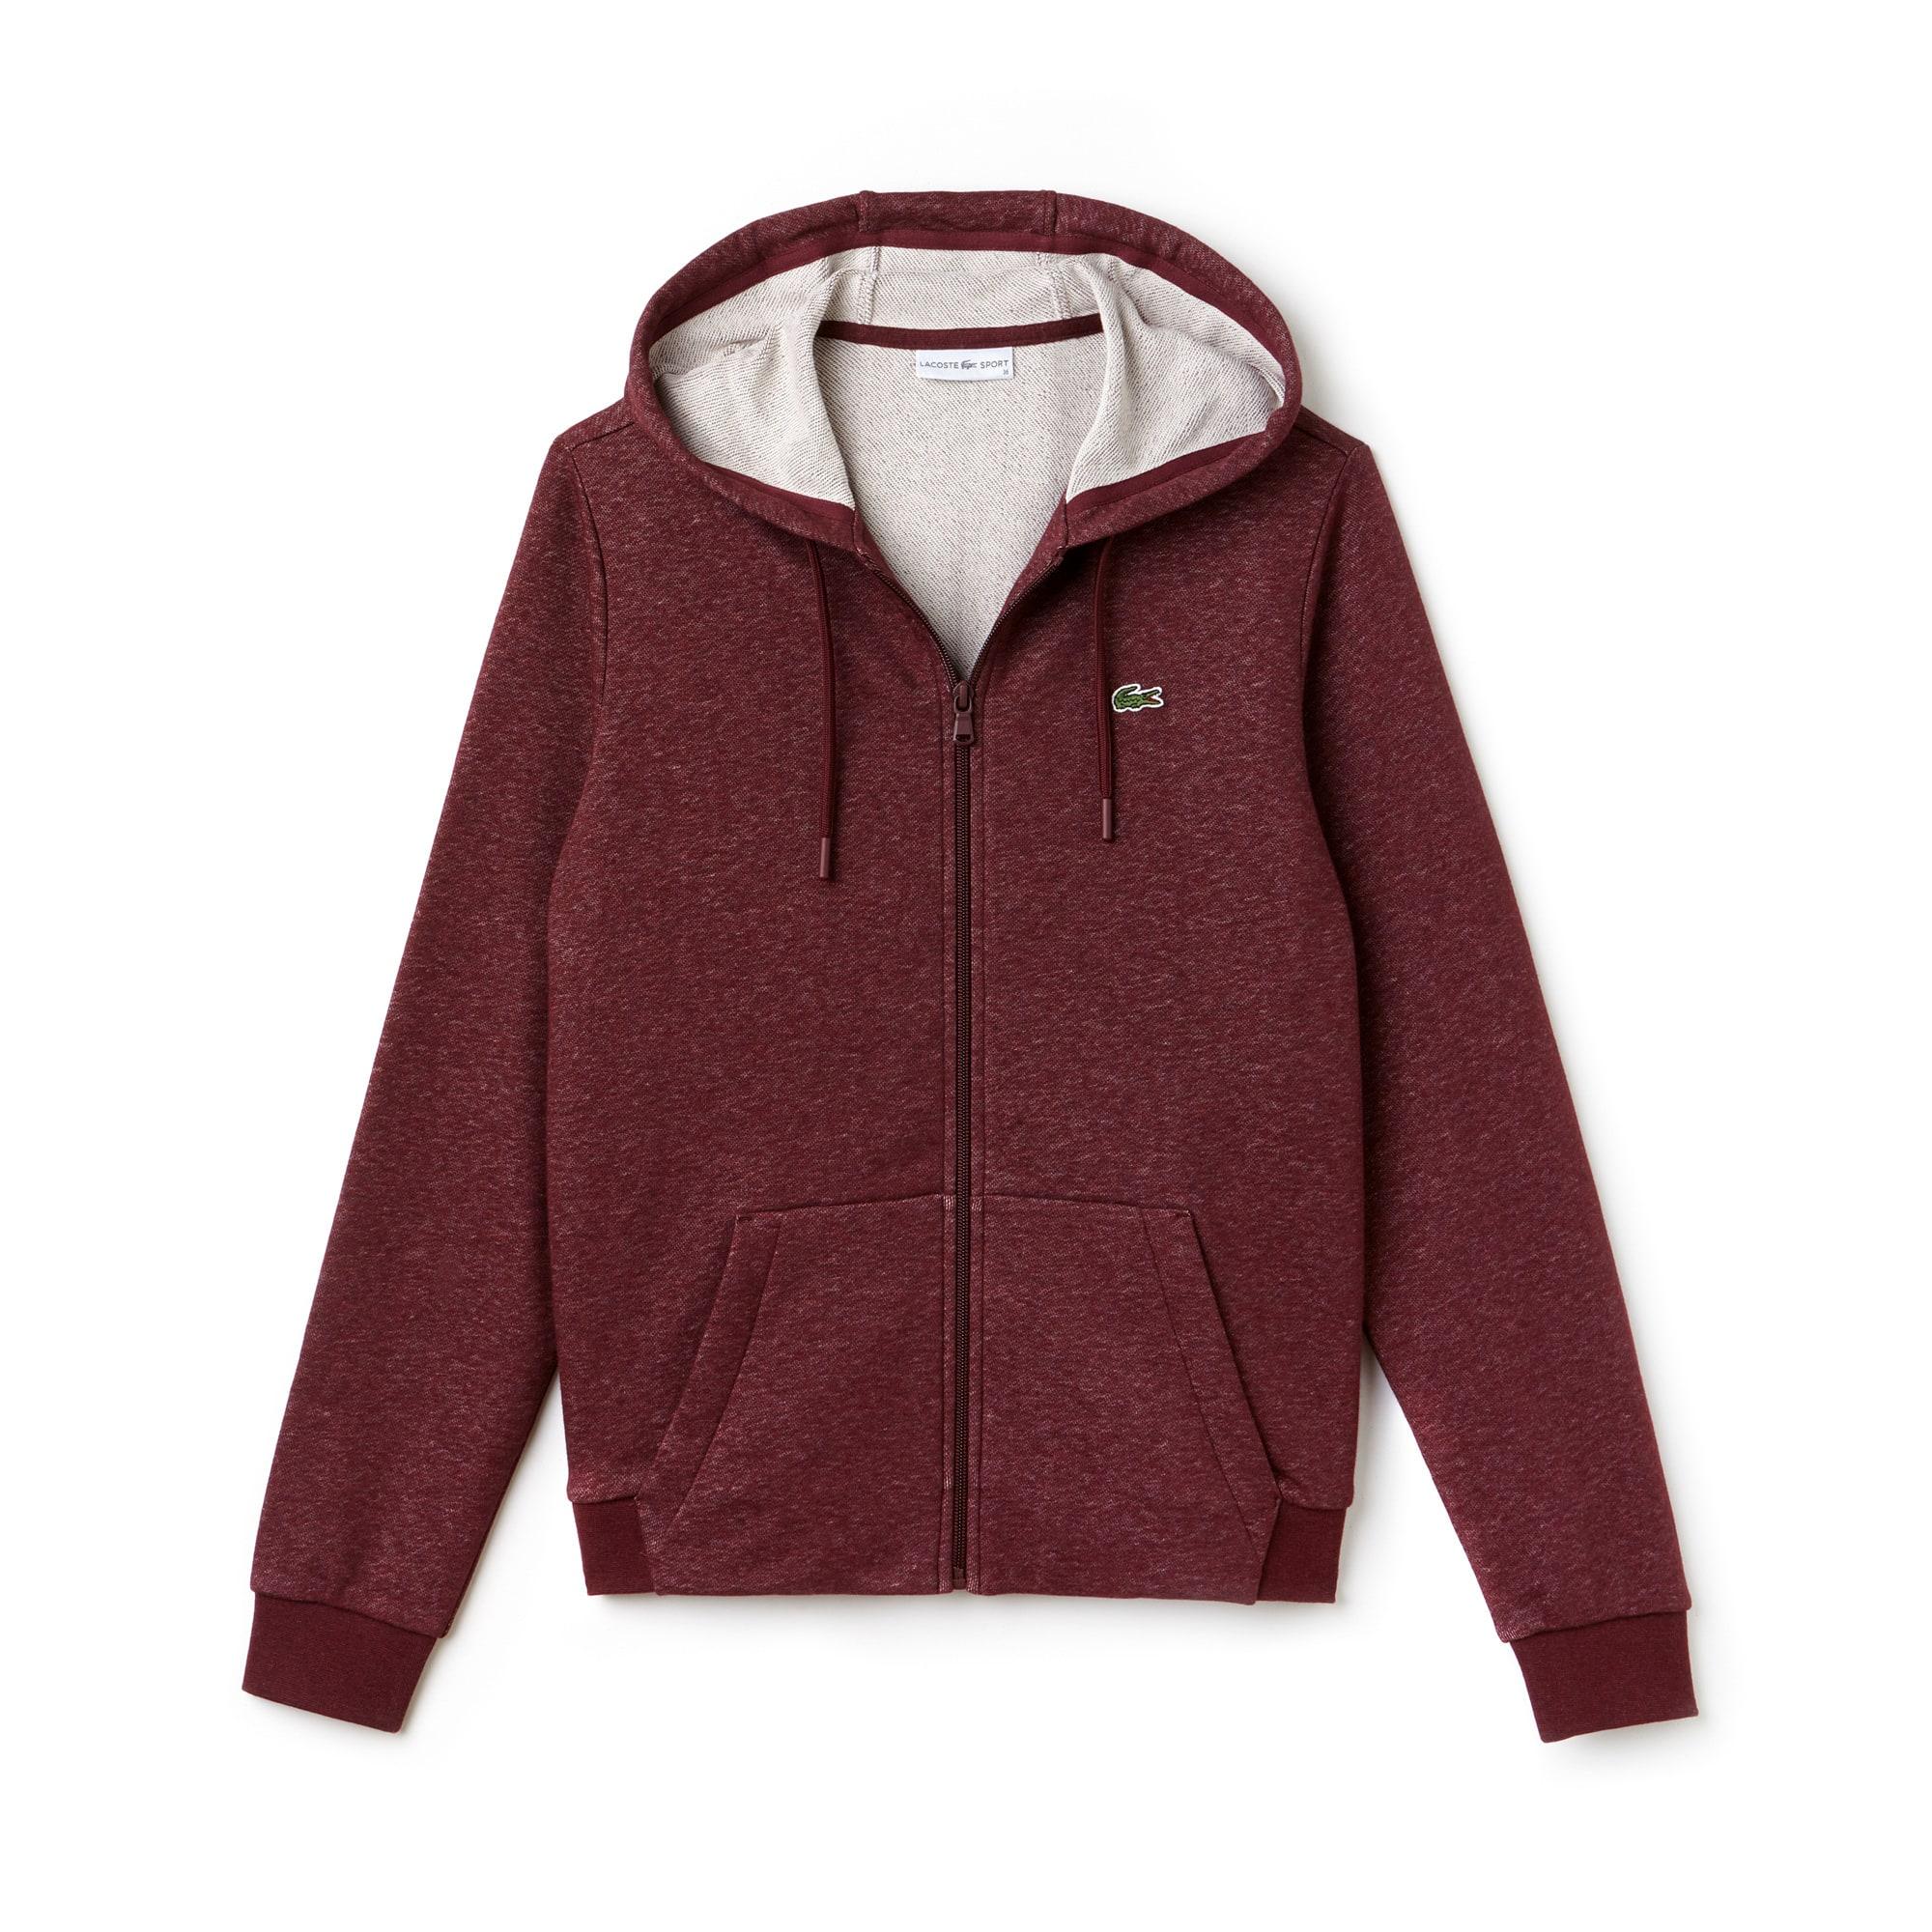 라코스테 후드 집업 스웻셔츠 Lacoste Womens SPORT Tennis Hooded Zippered Fleece Sweatshirt,GRAPE VINE/GRAPE VINE